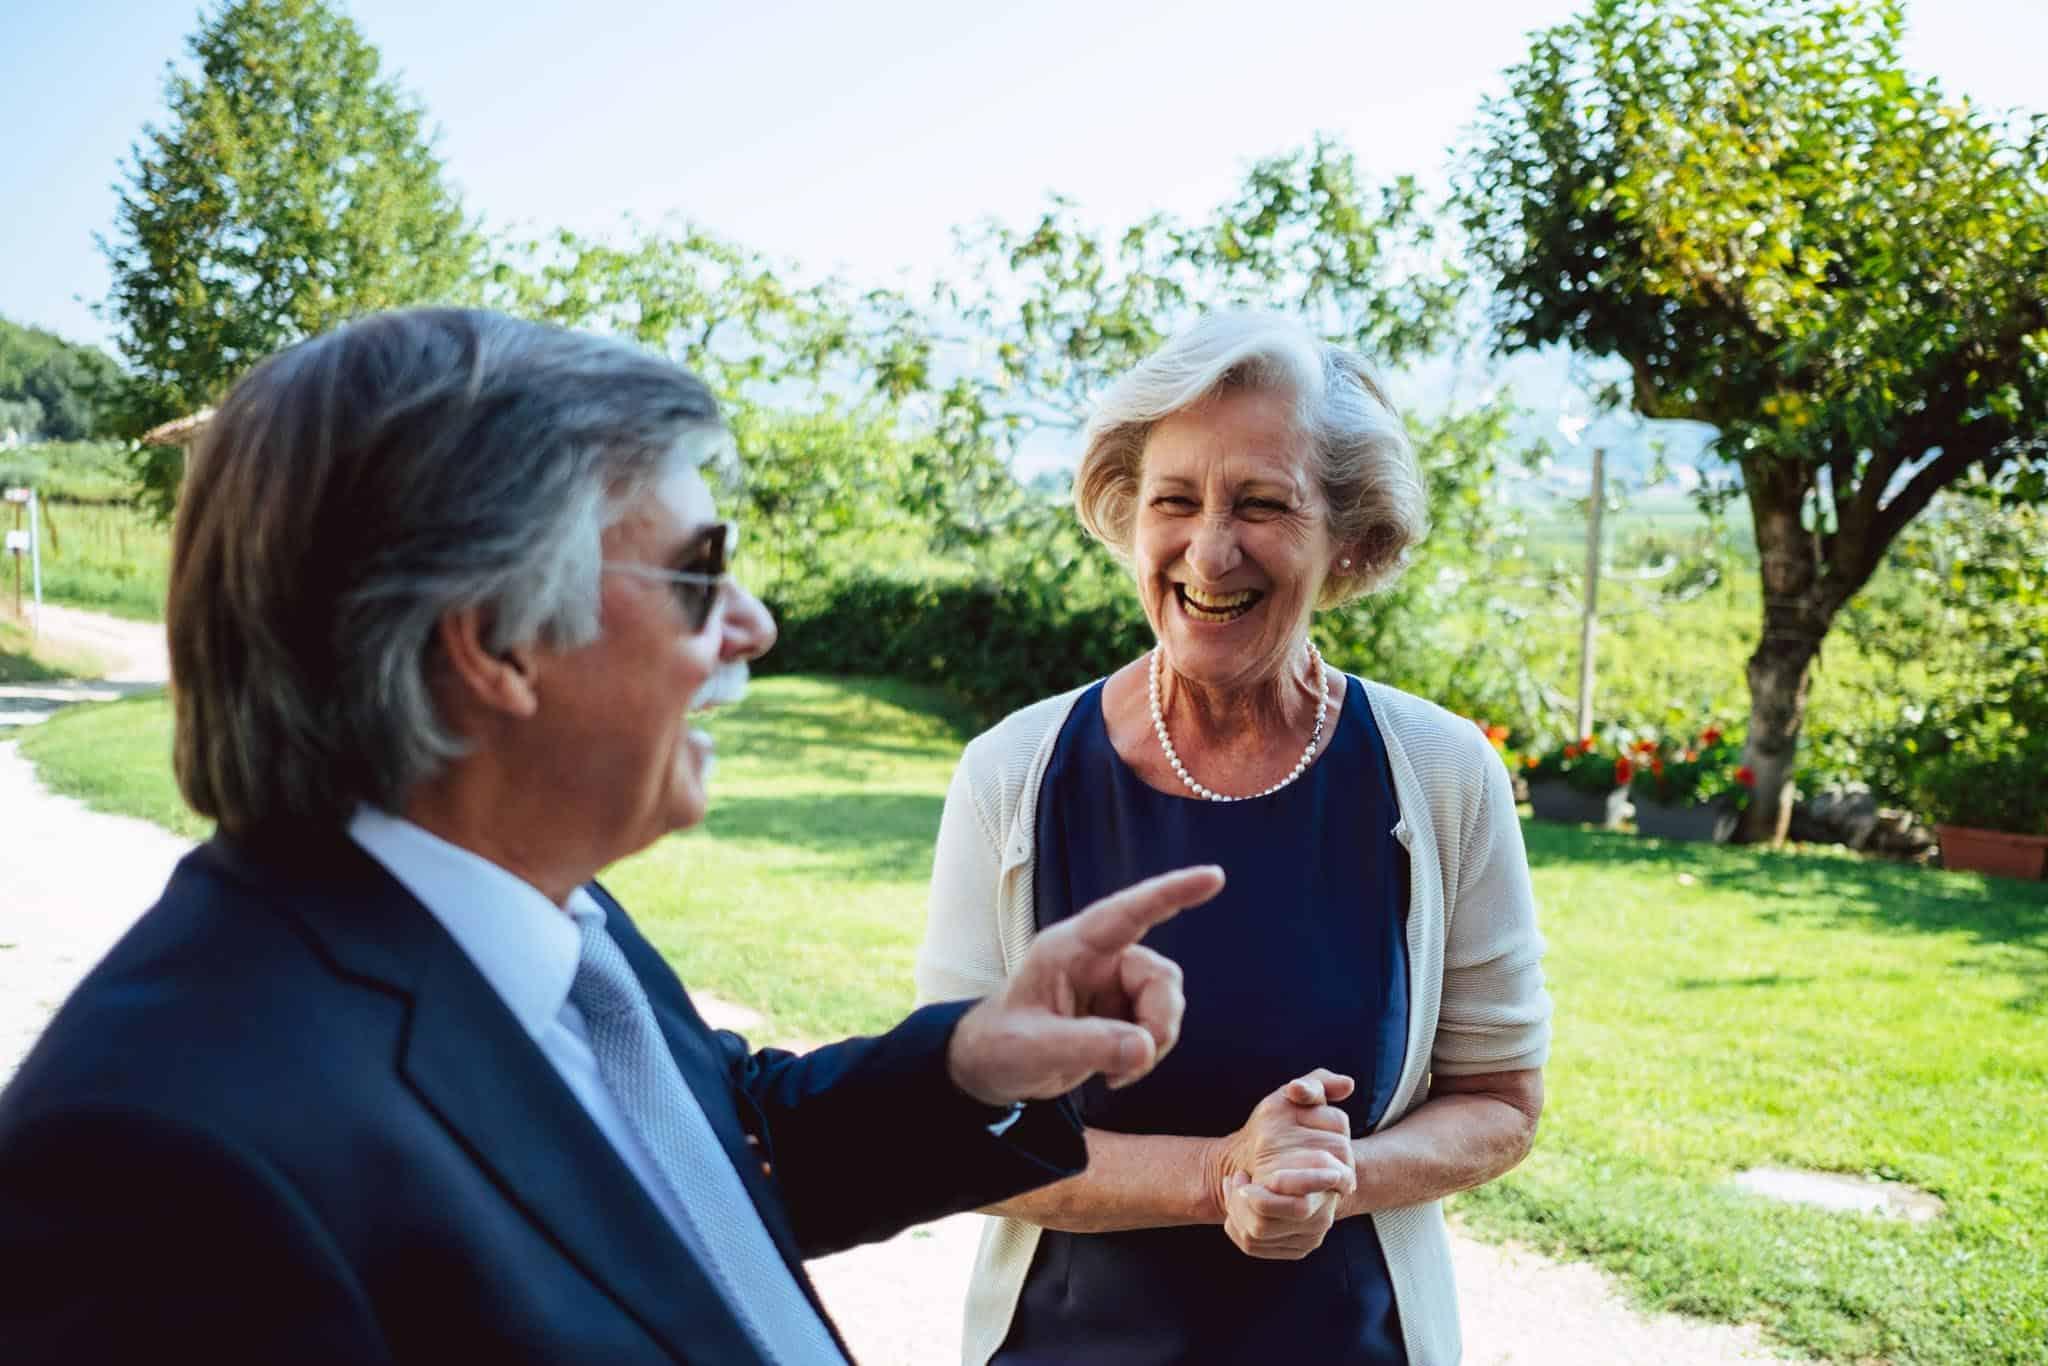 matrimonio valpolicella verona Costa degli ulivi 0005